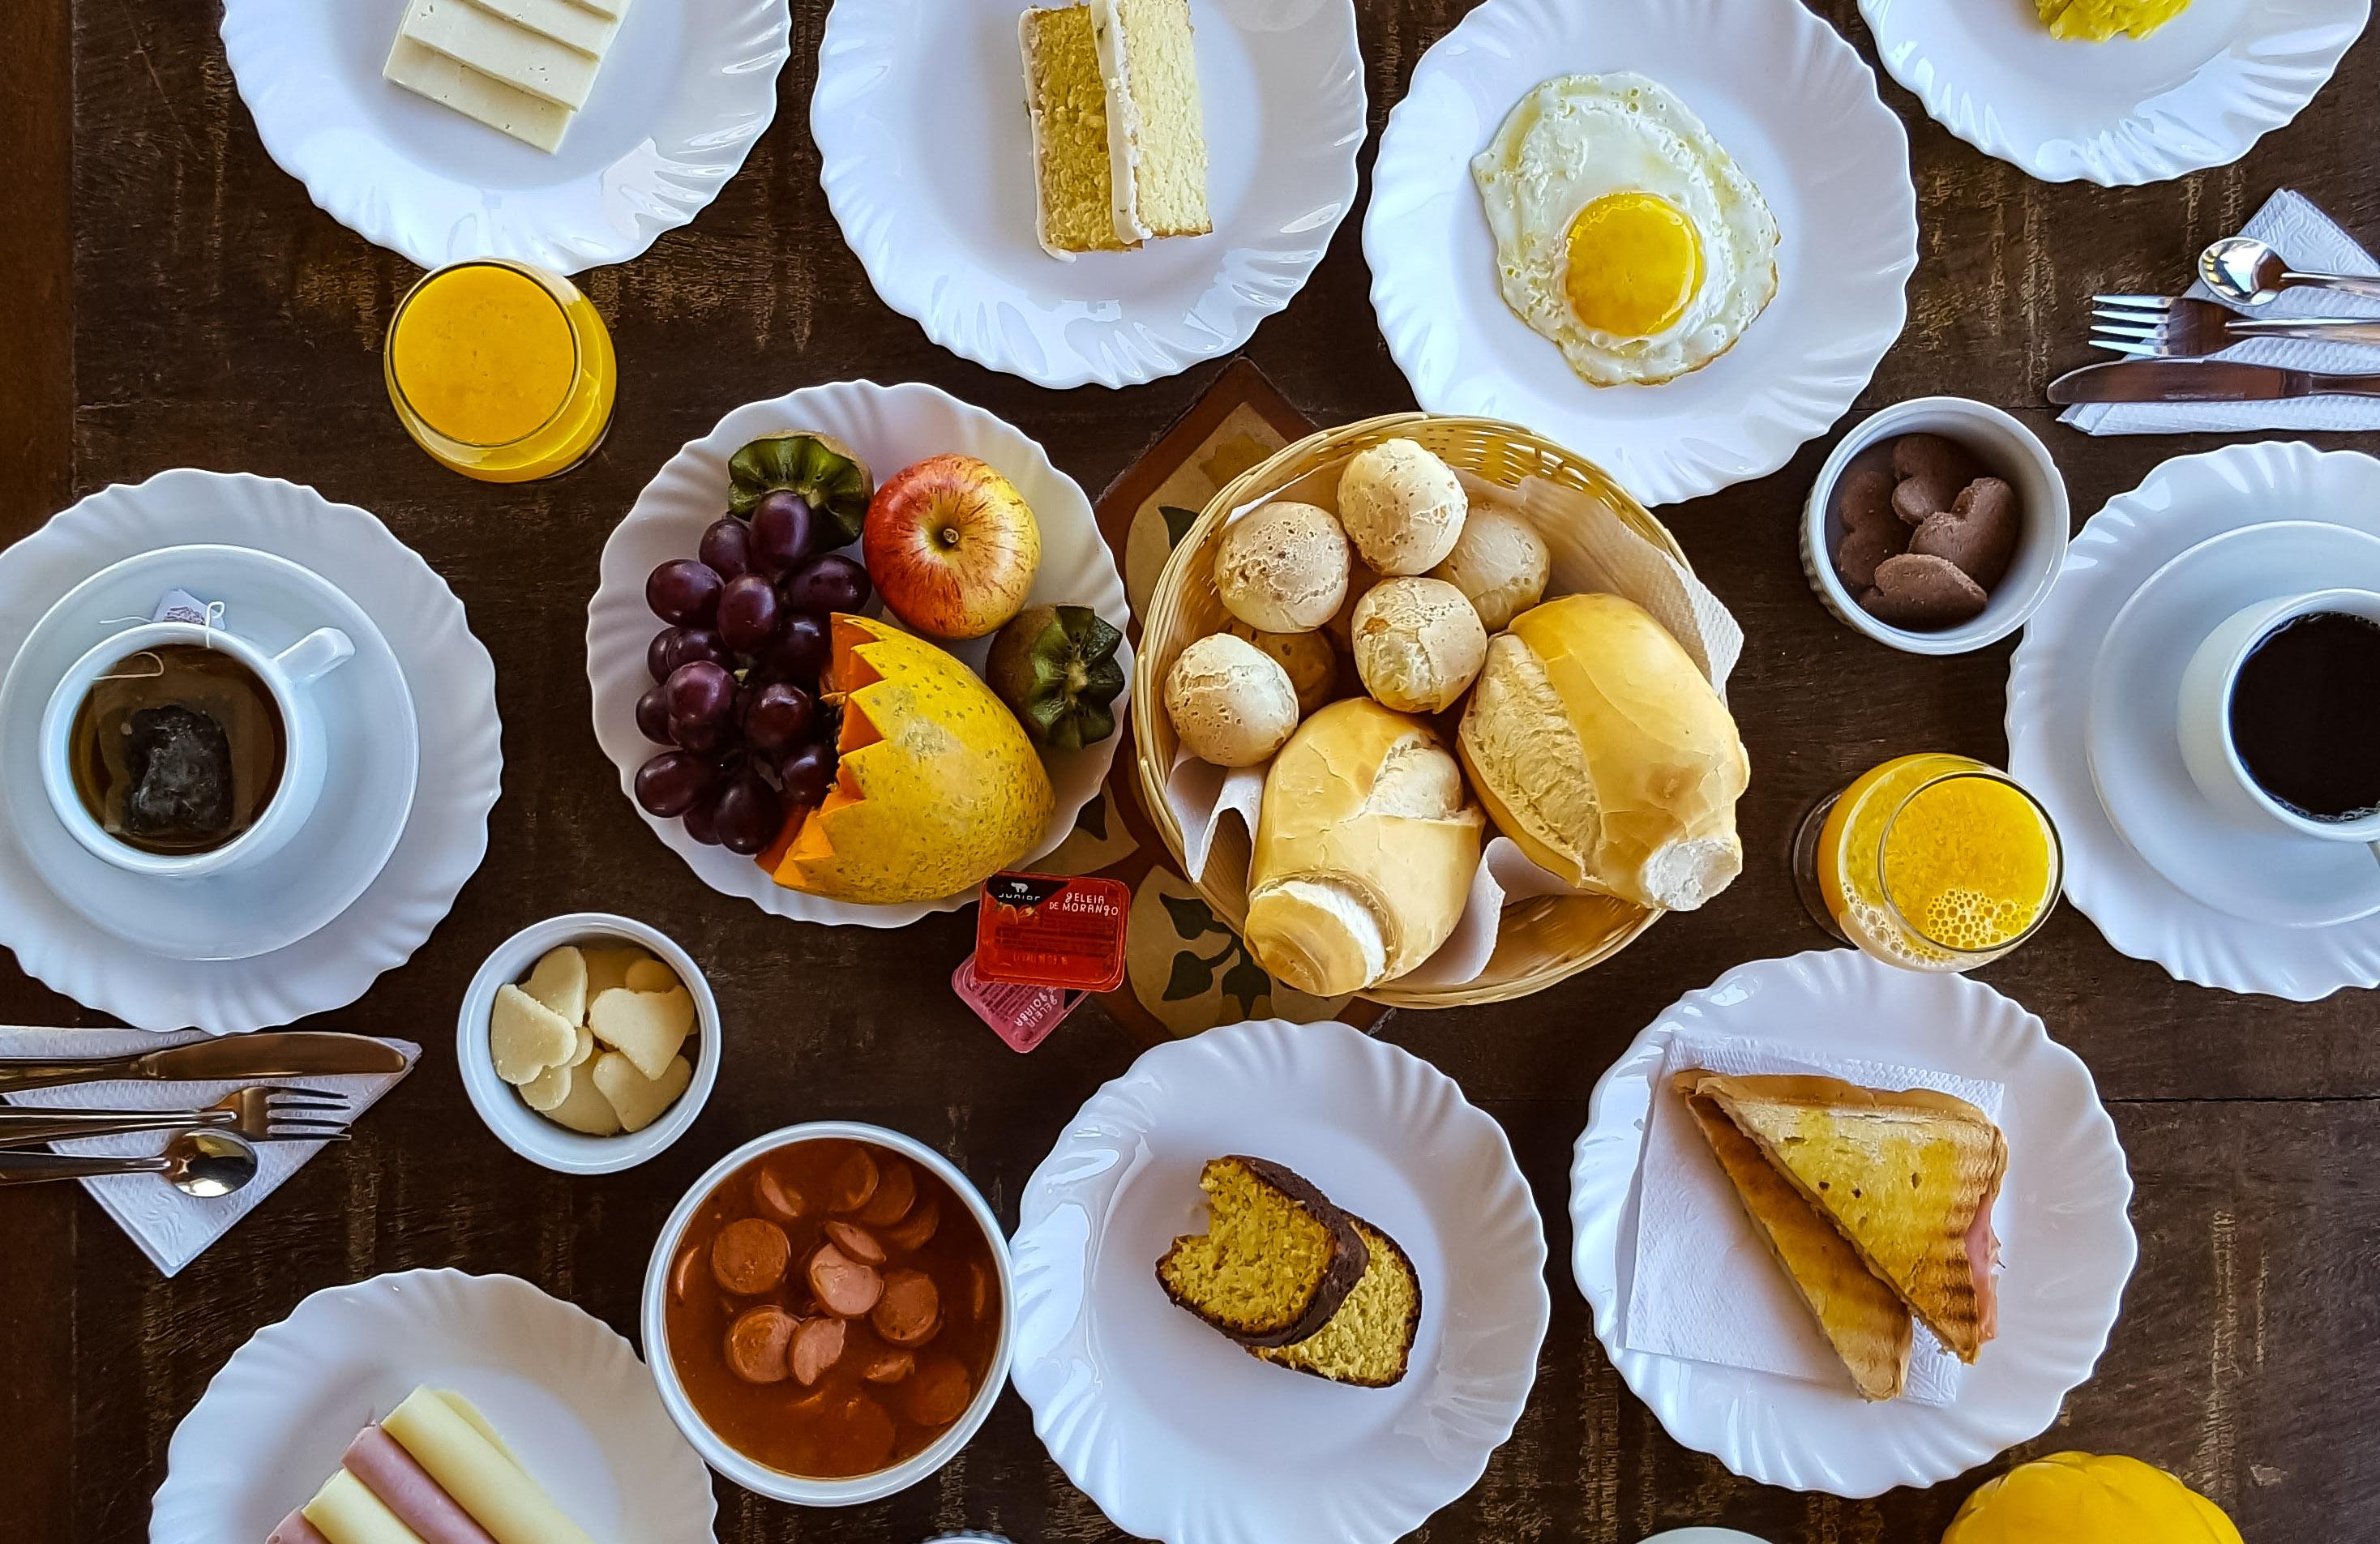 Detalhe da mesa de café da manhã